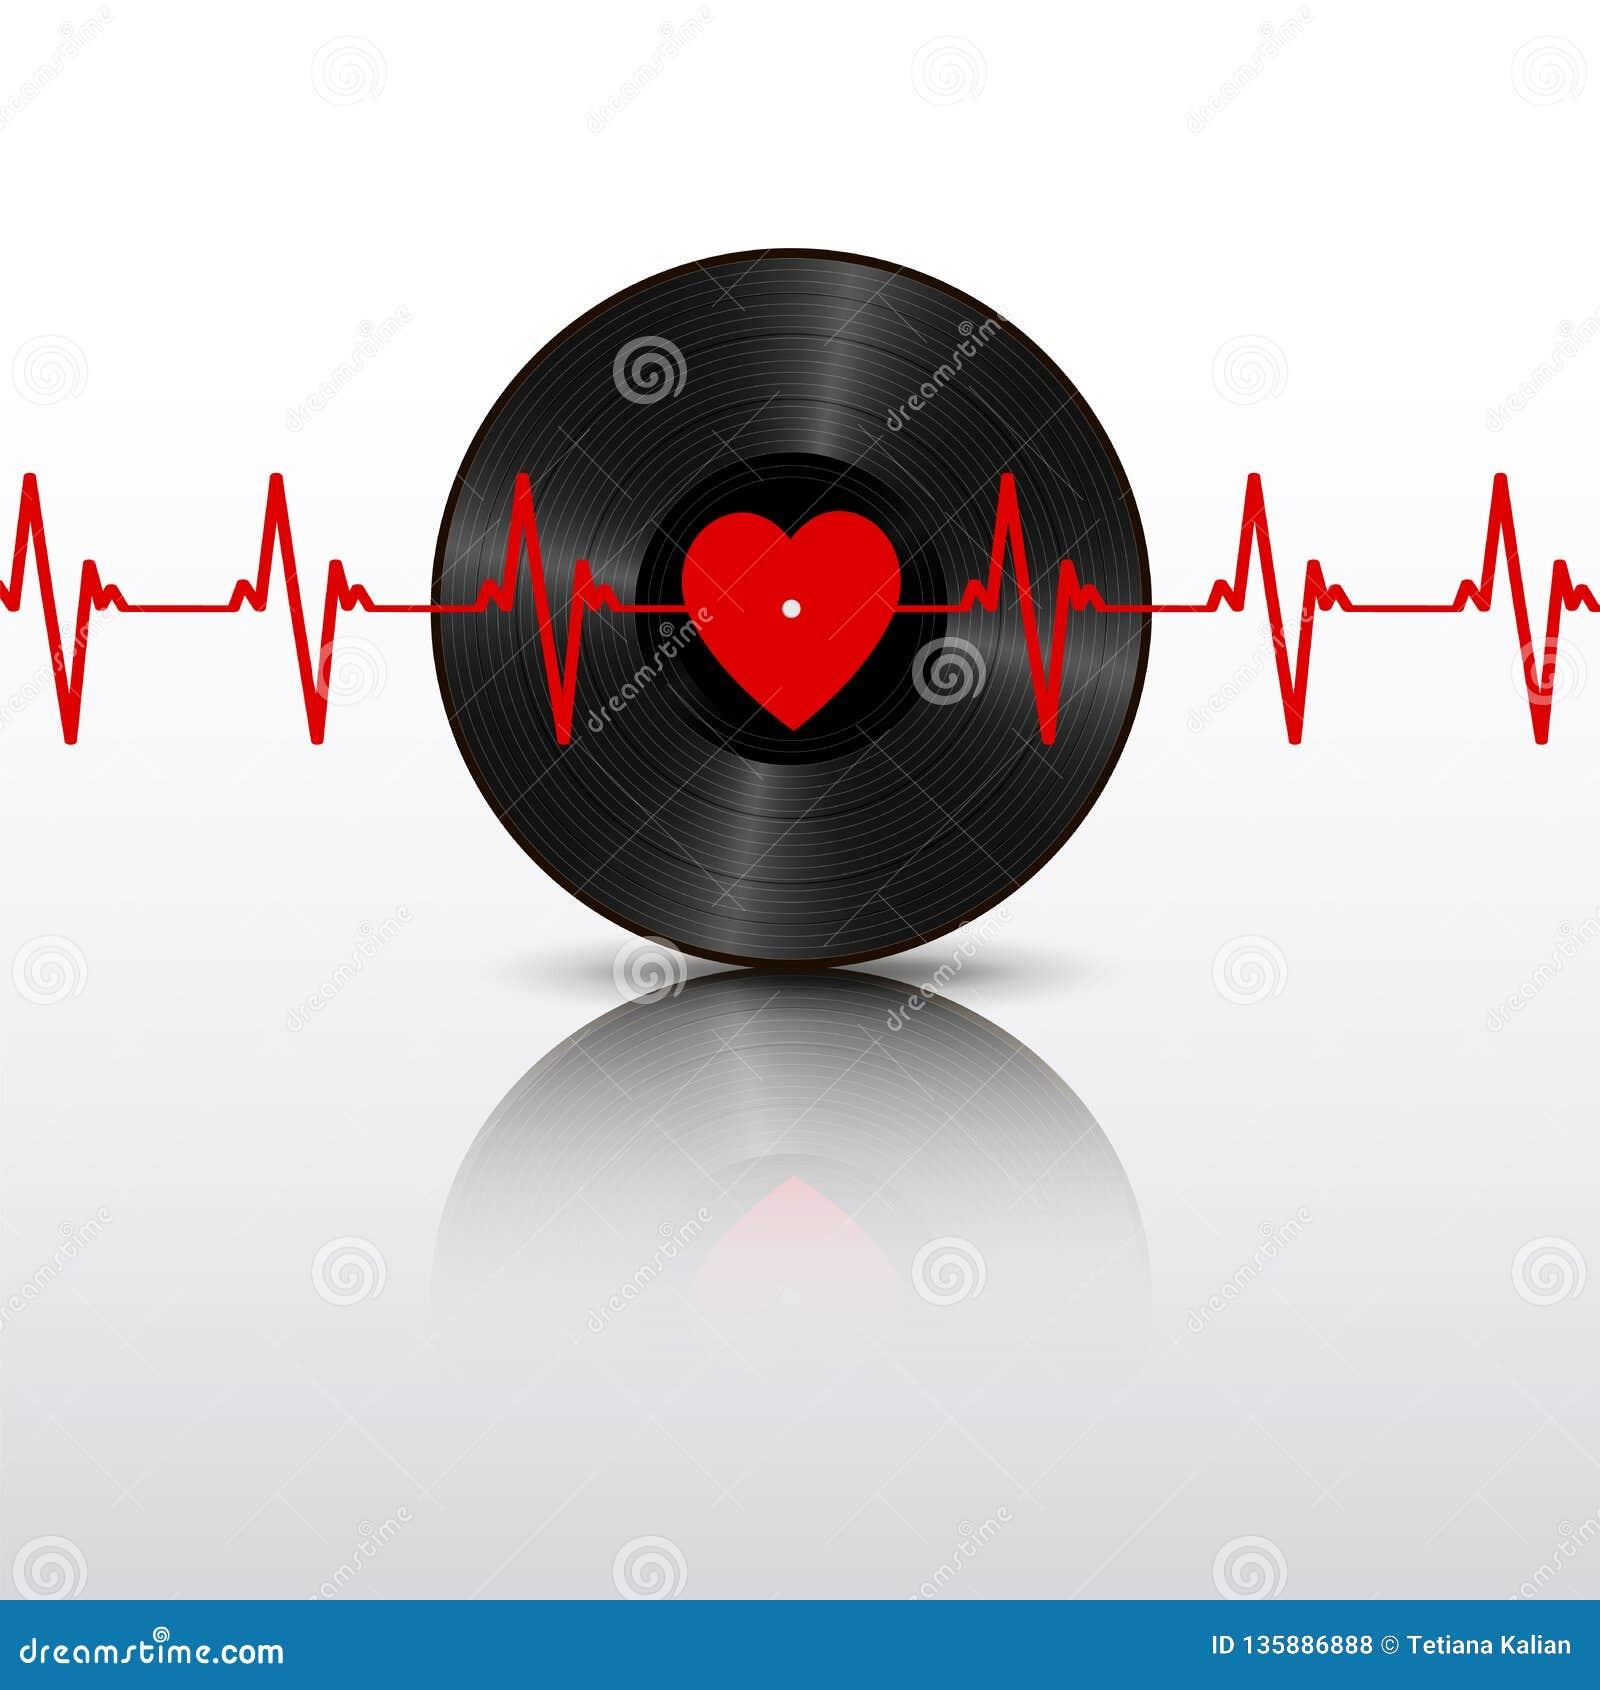 Registro de vinil preto realístico com etiqueta do coração, cardiograma e reflexão de espelho vermelhos